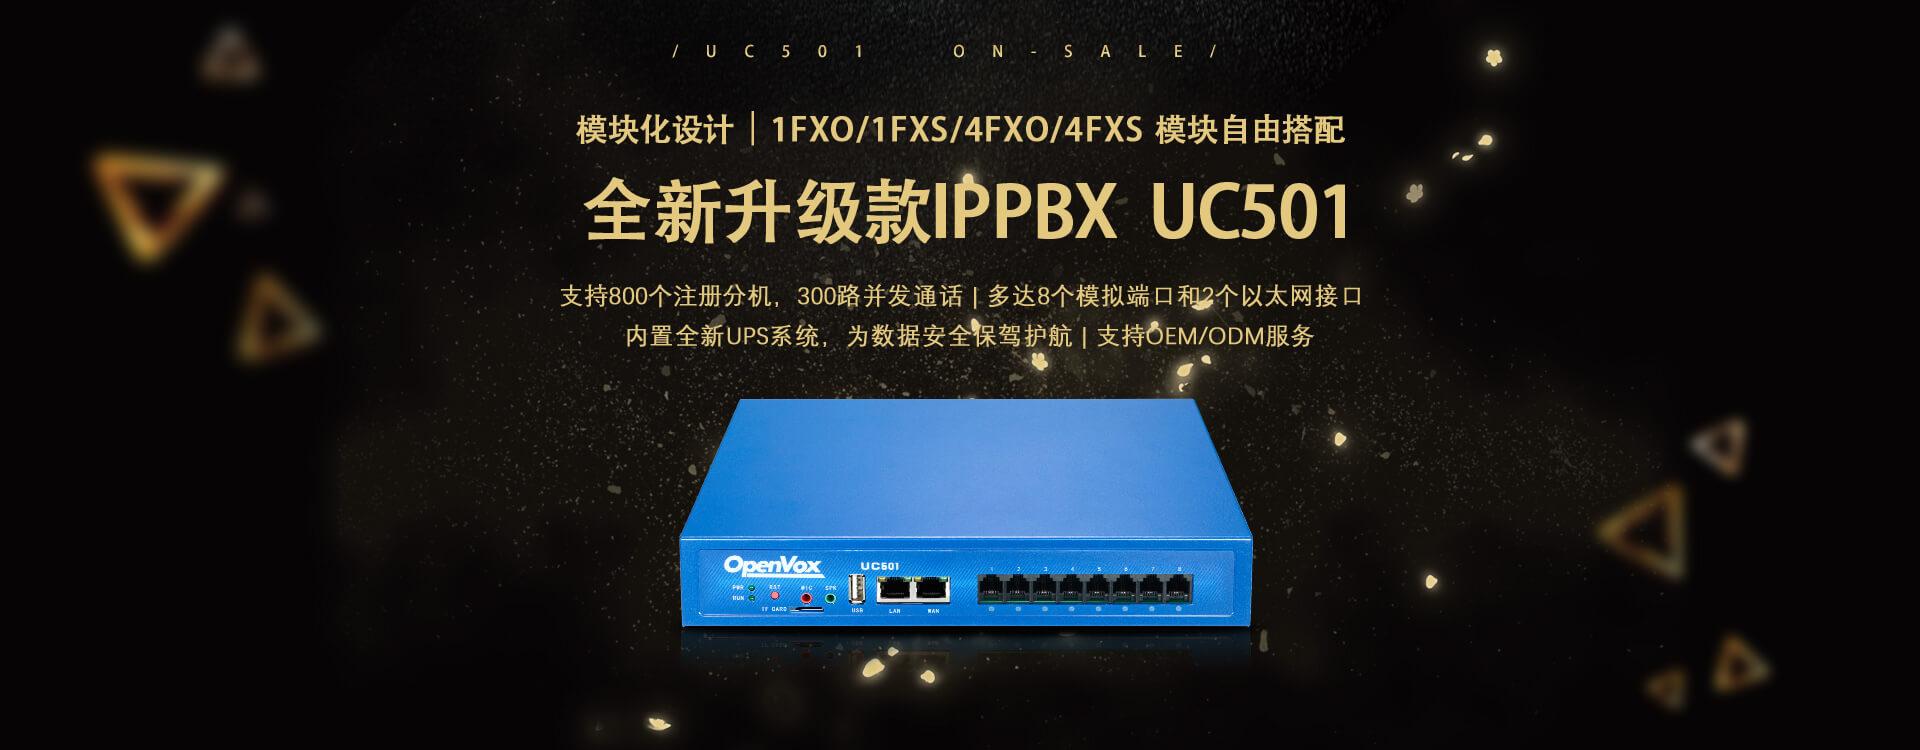 uc501-cn